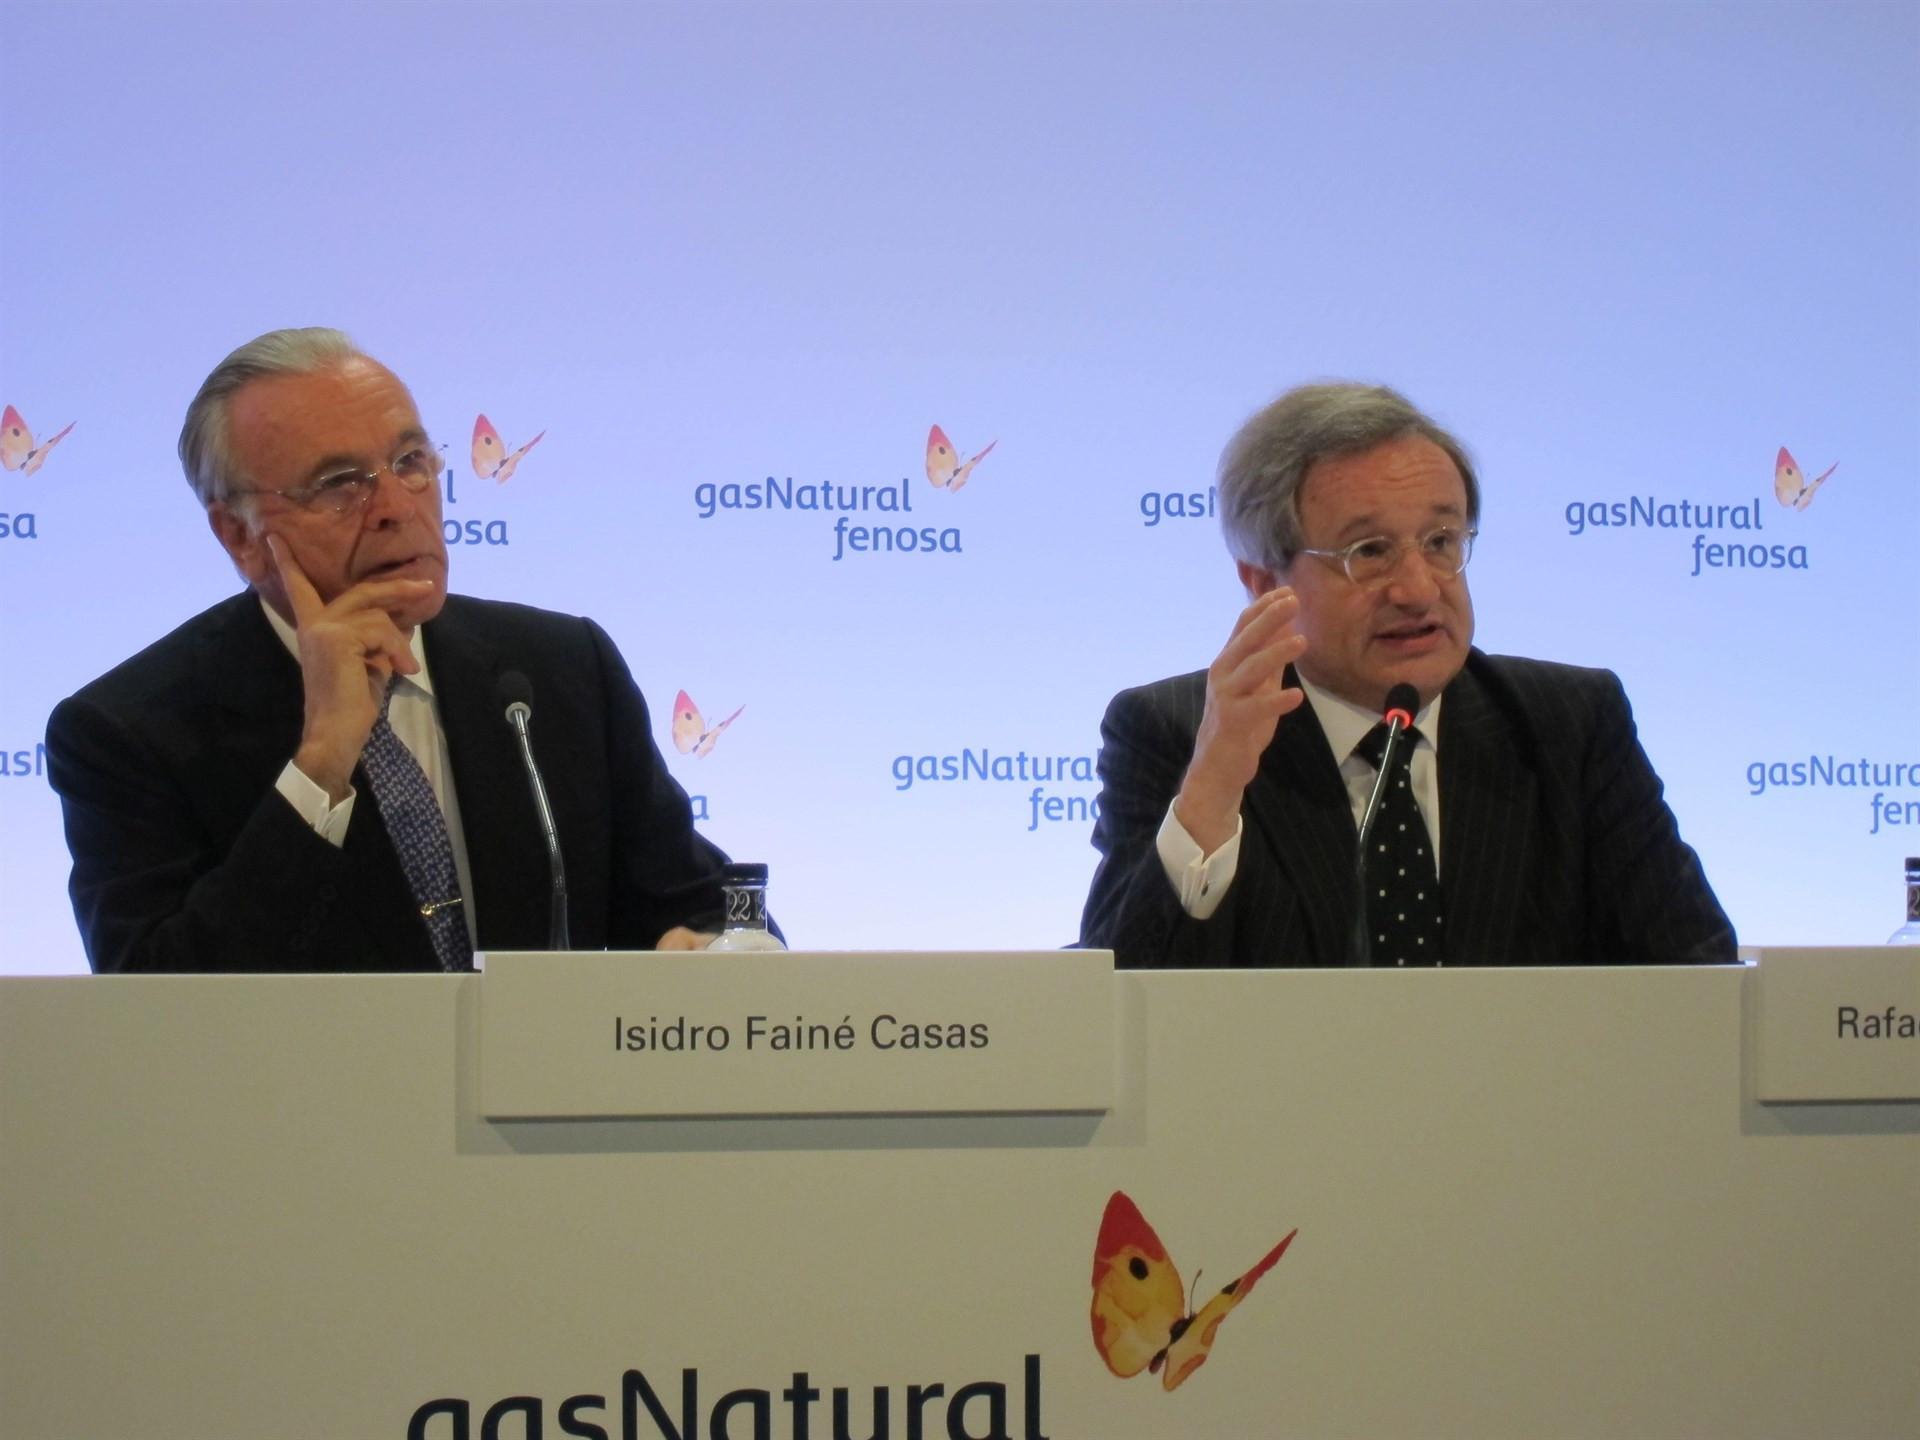 Gasnaturalfenosa 4